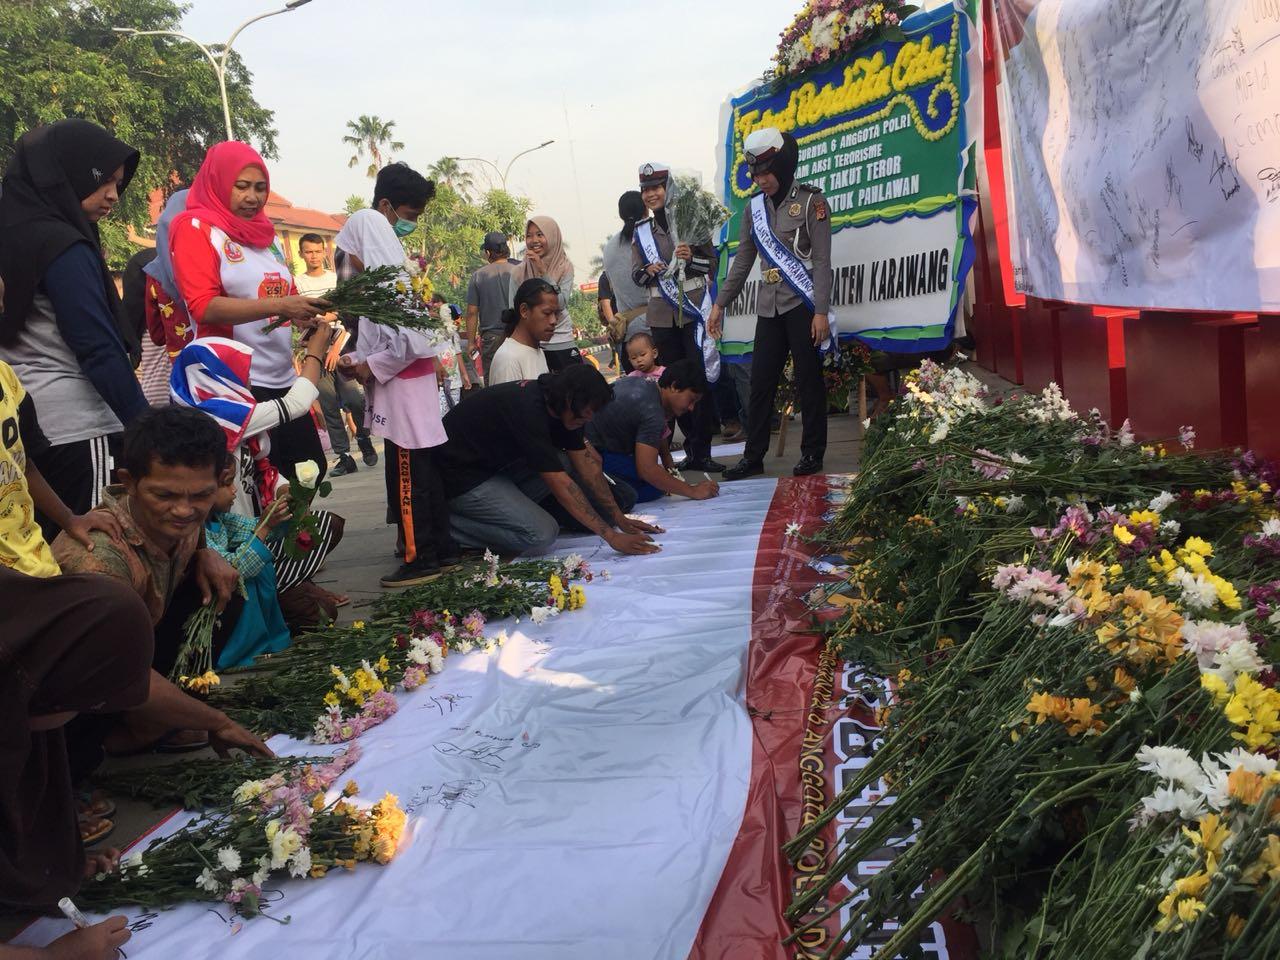 Polres dan Masyarakat Karawang Gelar Aksi Solidaritas Lawan Terorisme